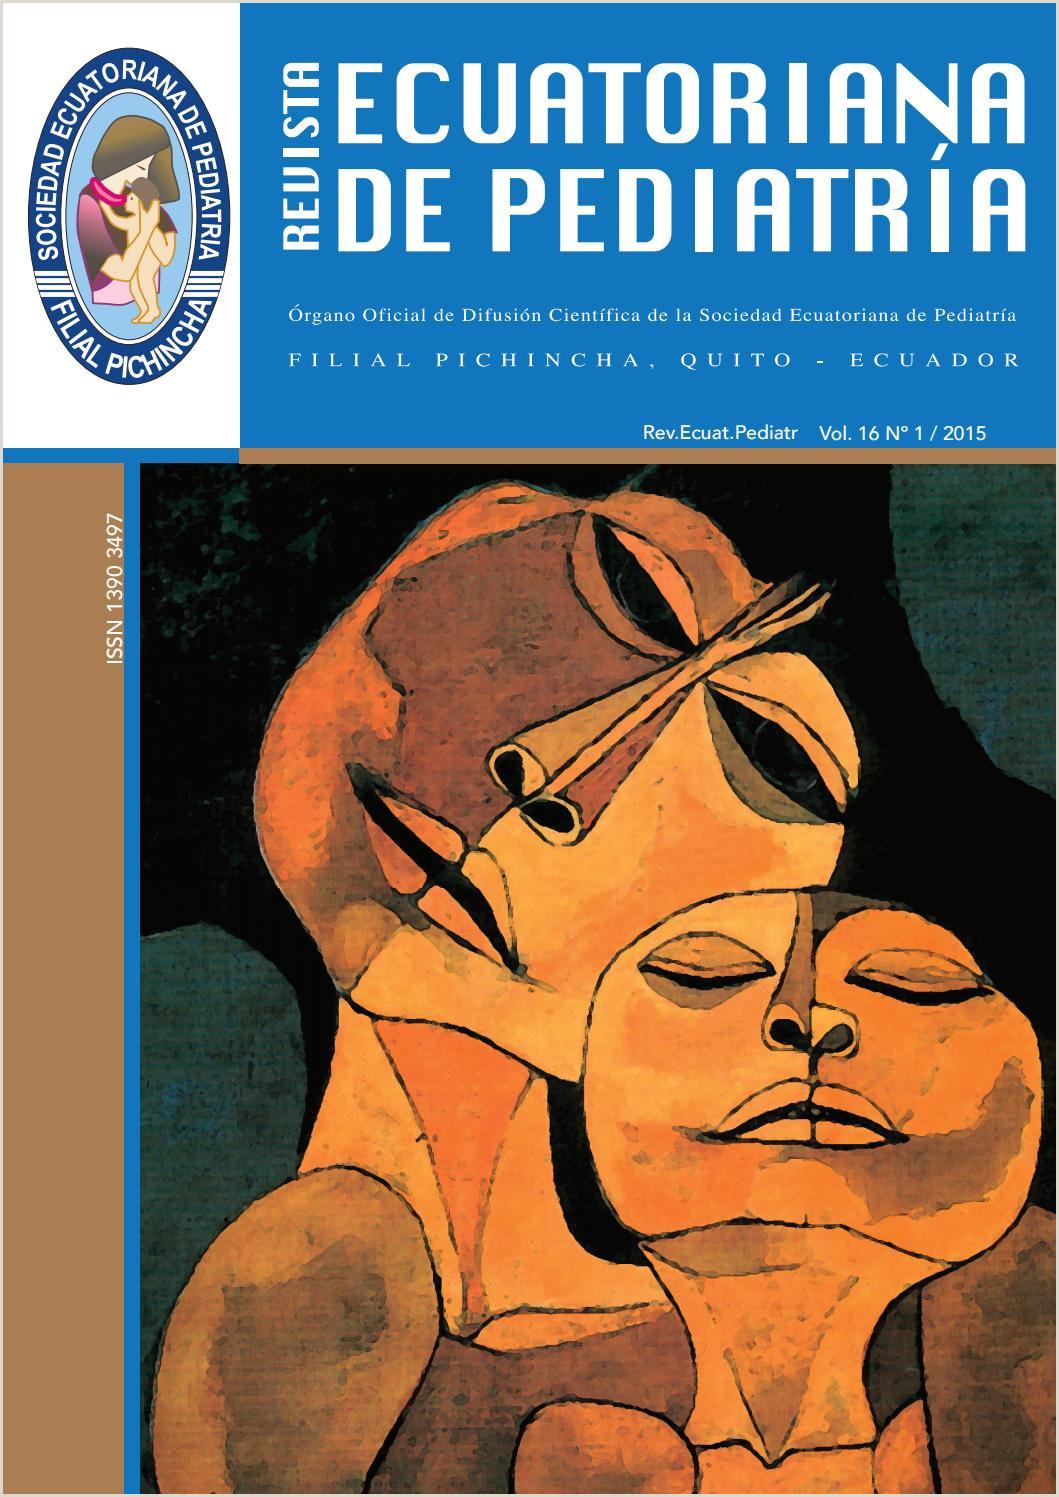 Revista Sociedad Ecuatoriana de Pediatra Vol16 1 by SEP